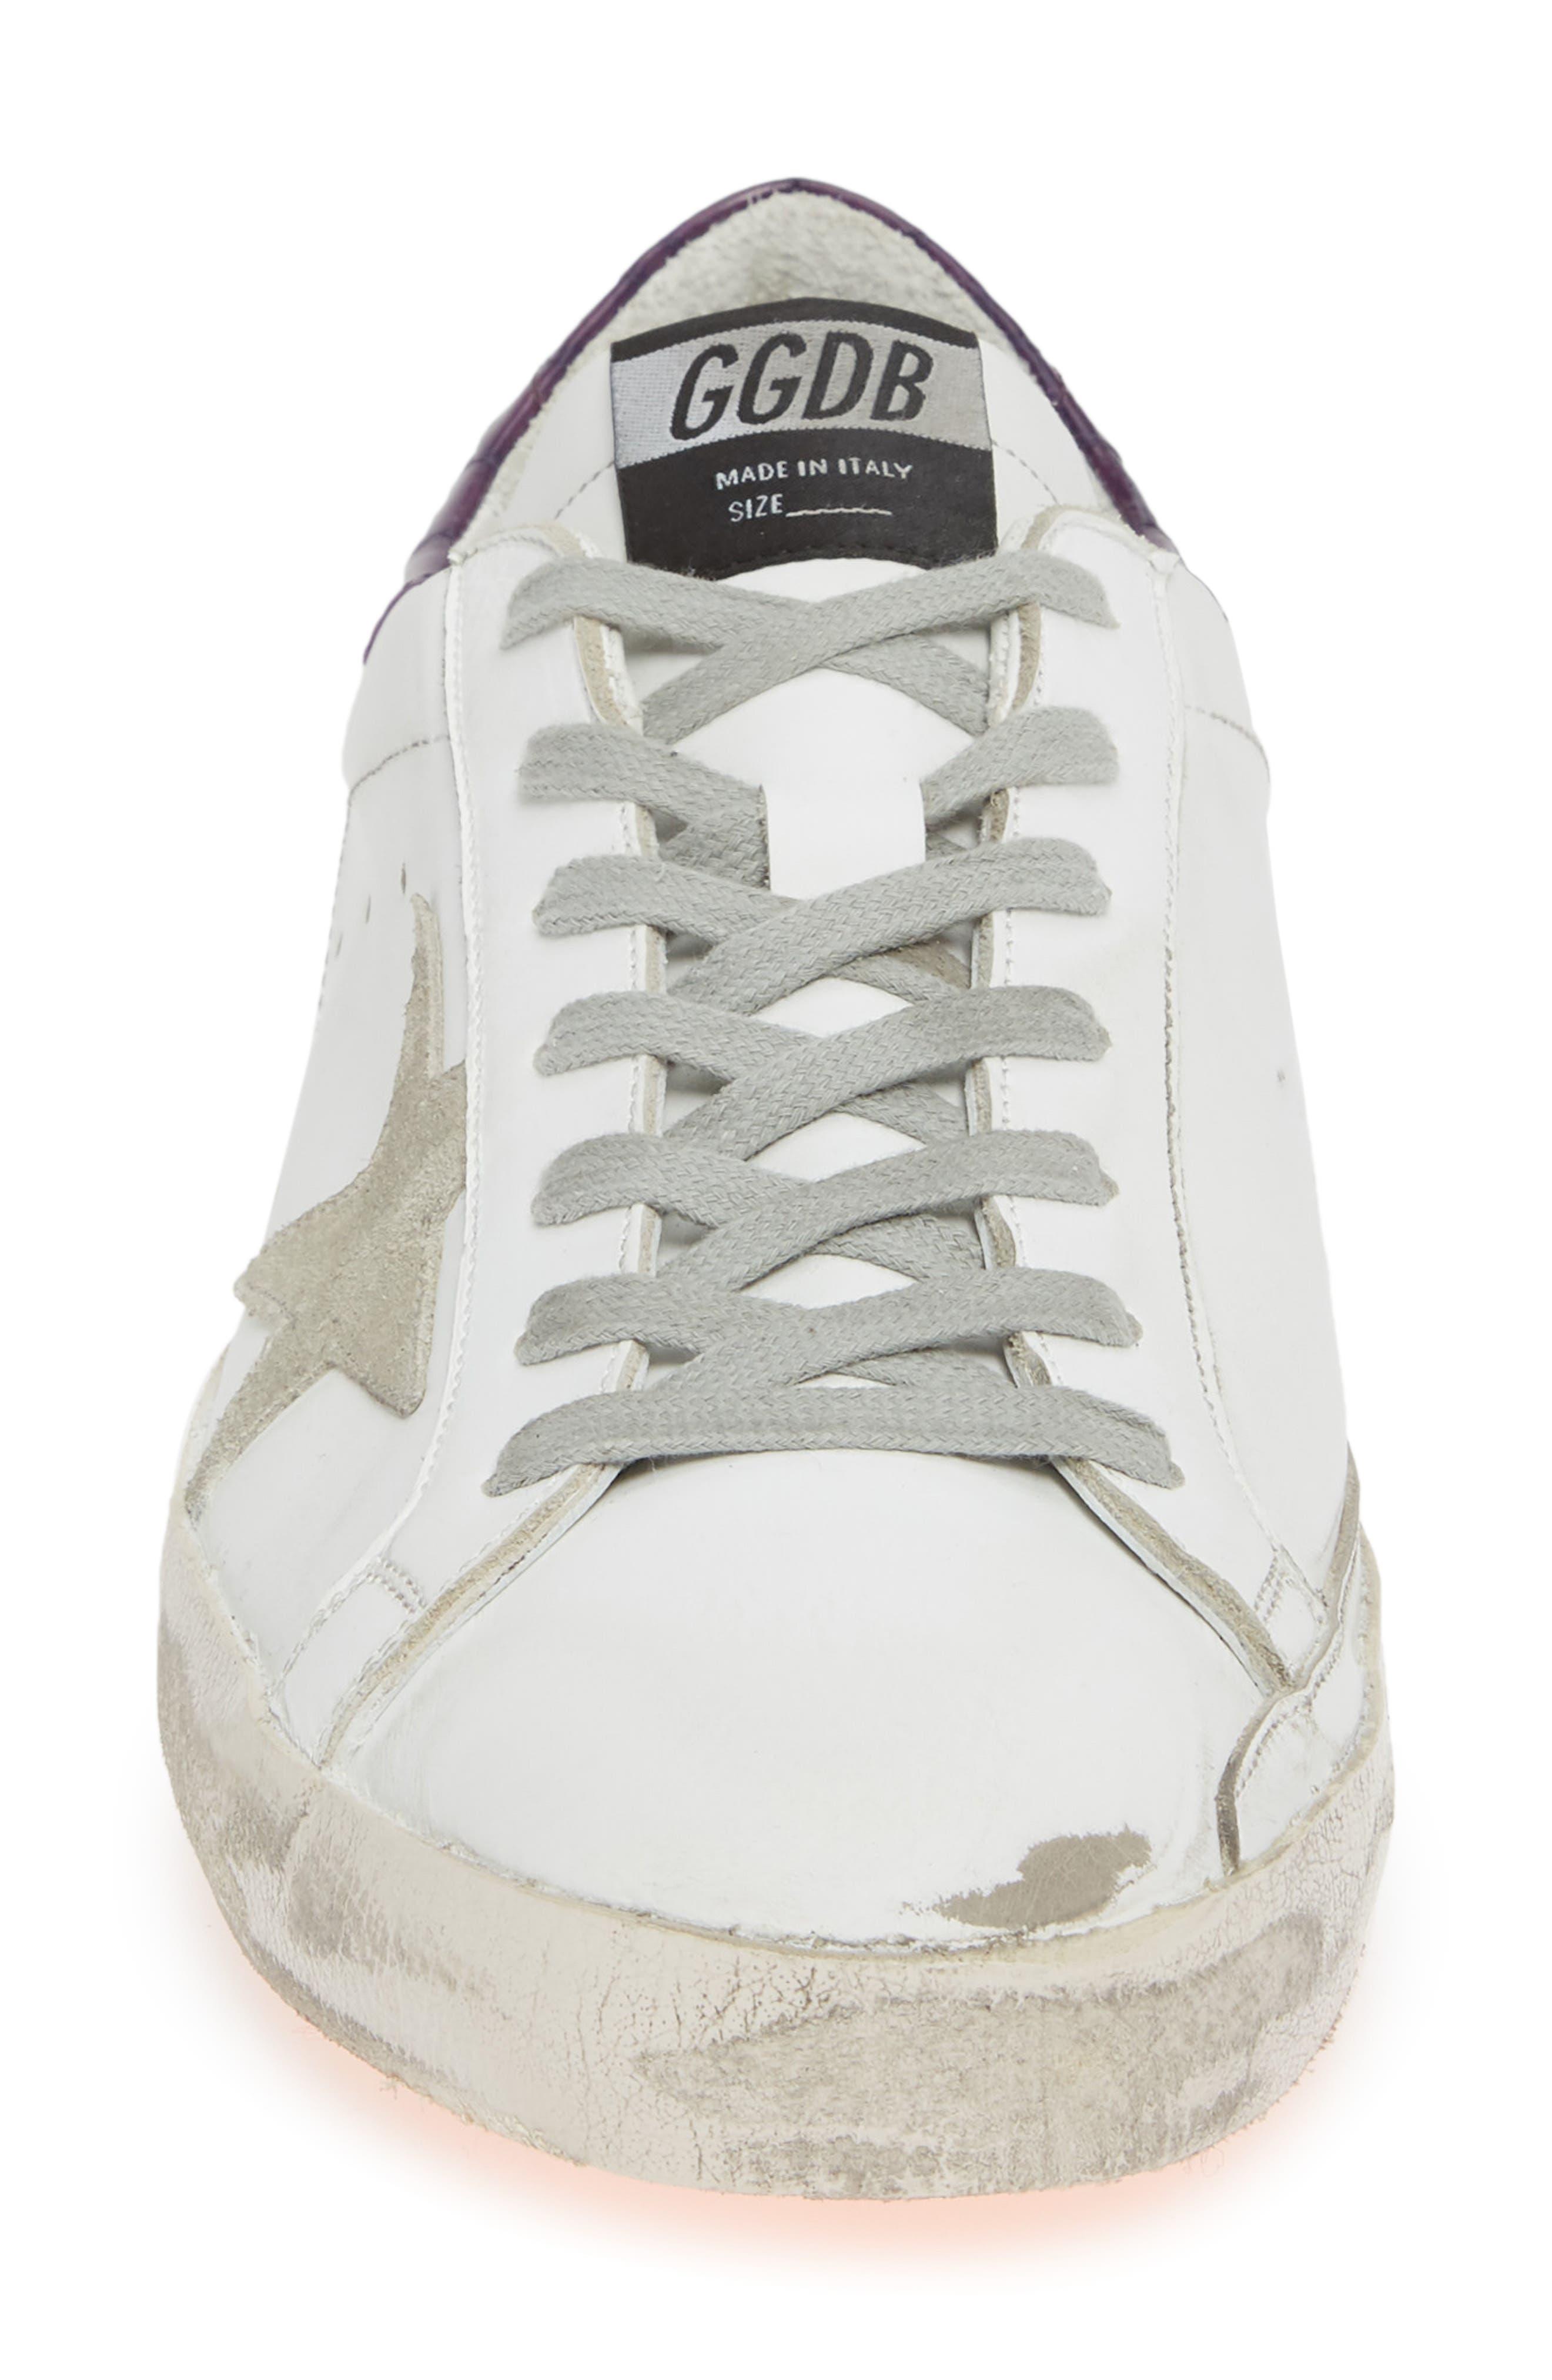 GOLDEN GOOSE,                             'Superstar' Sneaker,                             Alternate thumbnail 4, color,                             WHITE/ VIOLET